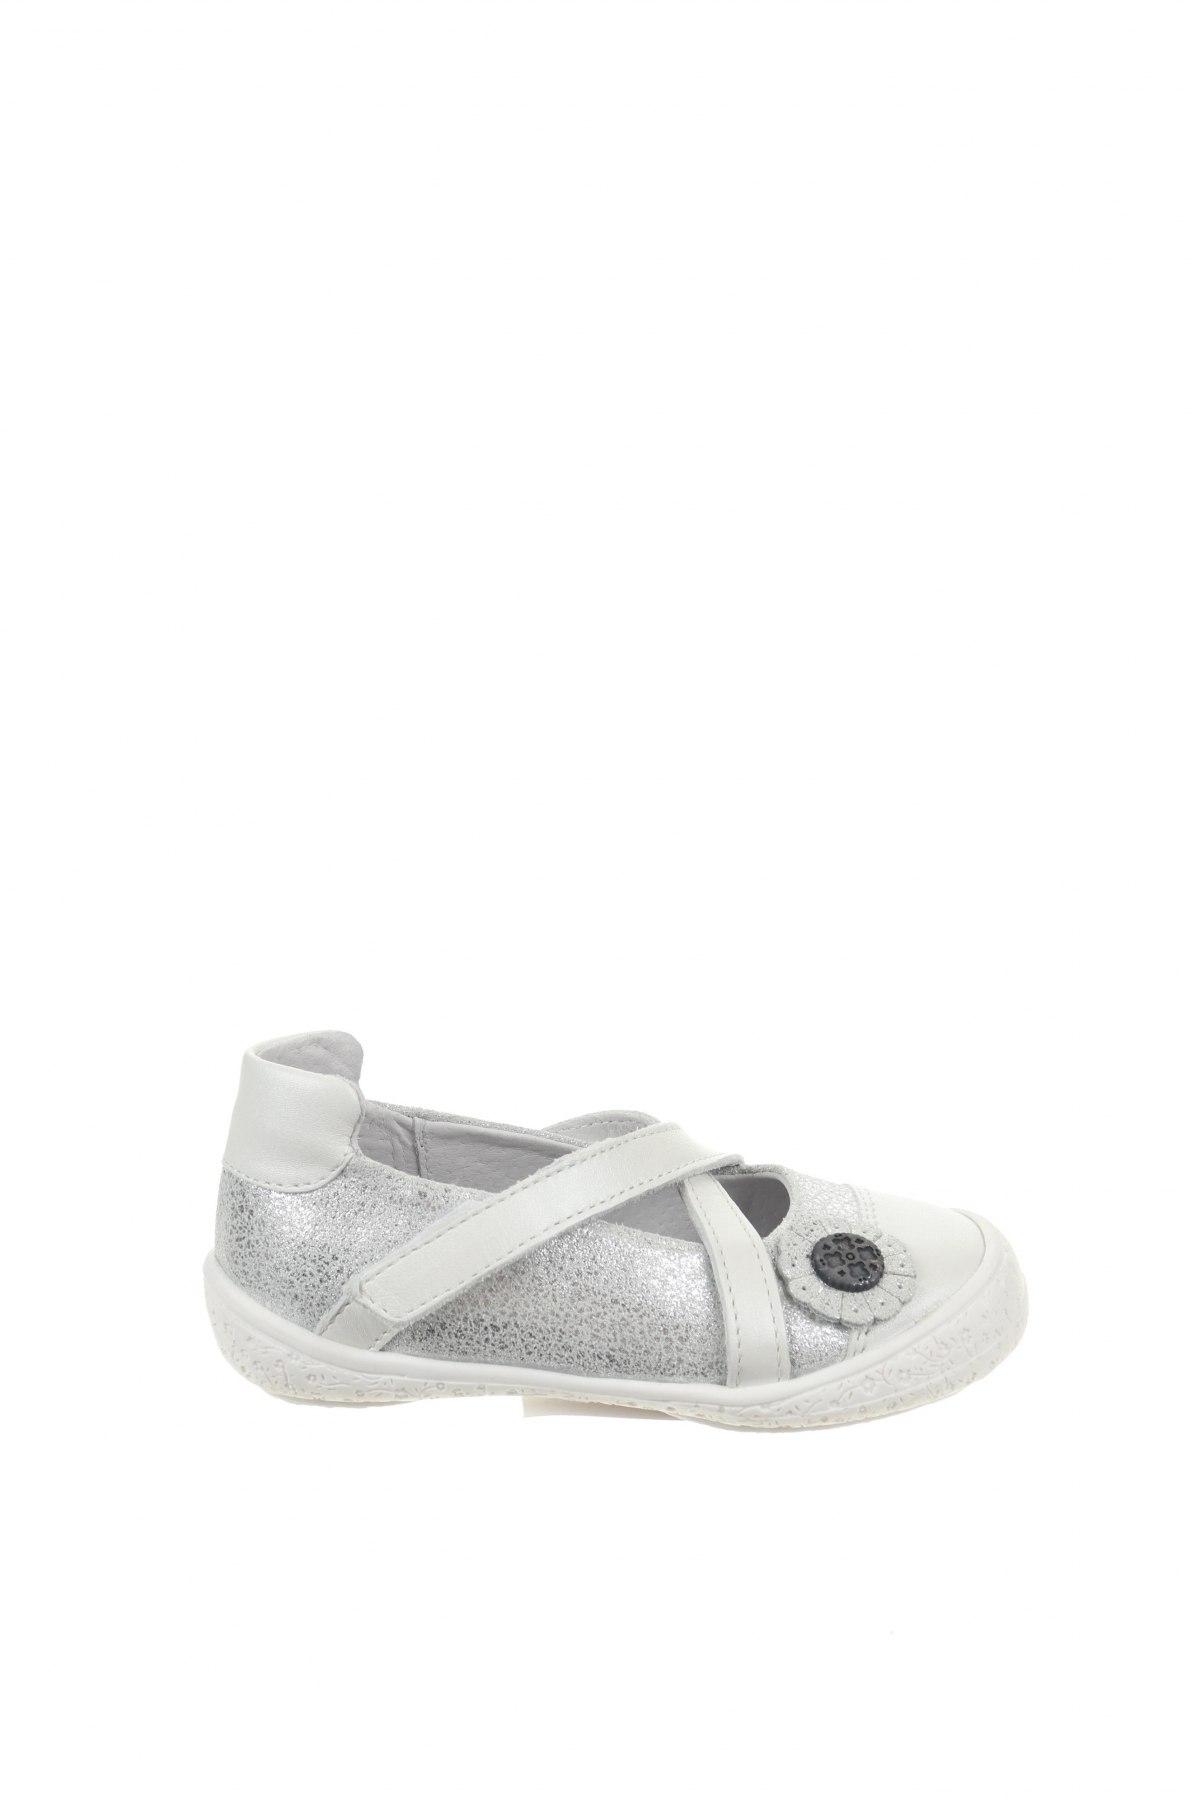 Παιδικά παπούτσια Saxo Blues, Μέγεθος 25, Χρώμα Λευκό, Γνήσιο δέρμα, Τιμή 17,51€